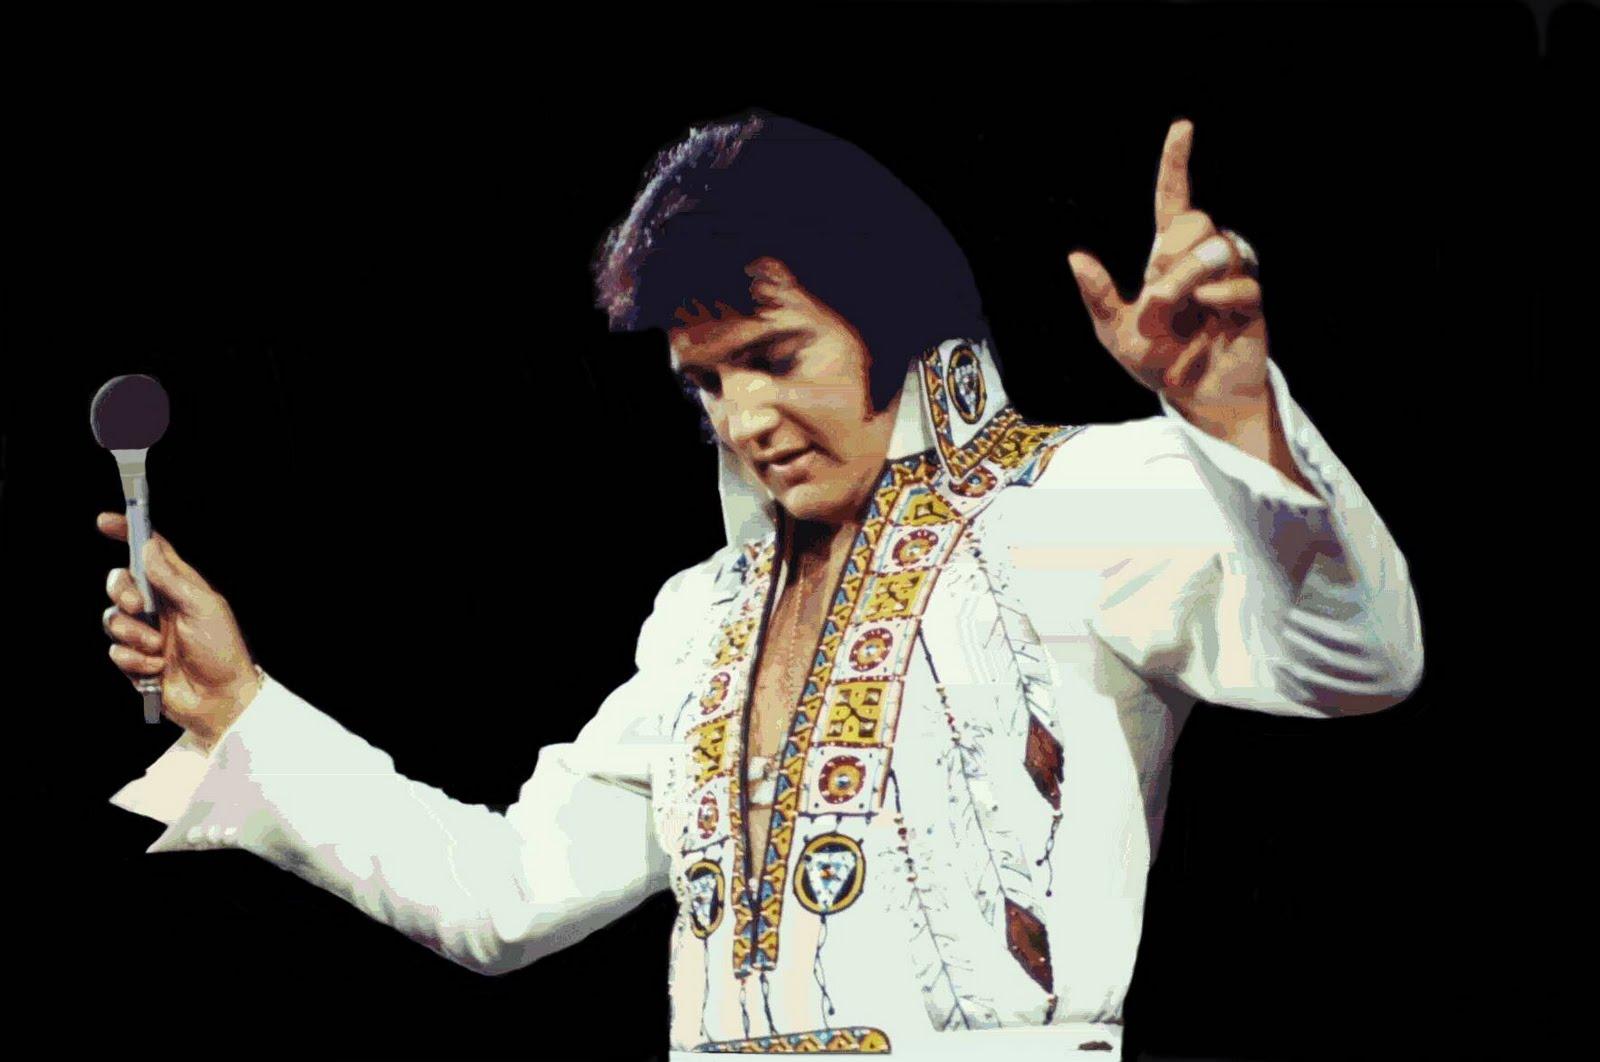 http://1.bp.blogspot.com/-N6k78ojMx6M/TWrlfW_HxMI/AAAAAAAAAXQ/mtnoCq8T73E/s1600/Elvis.jpg